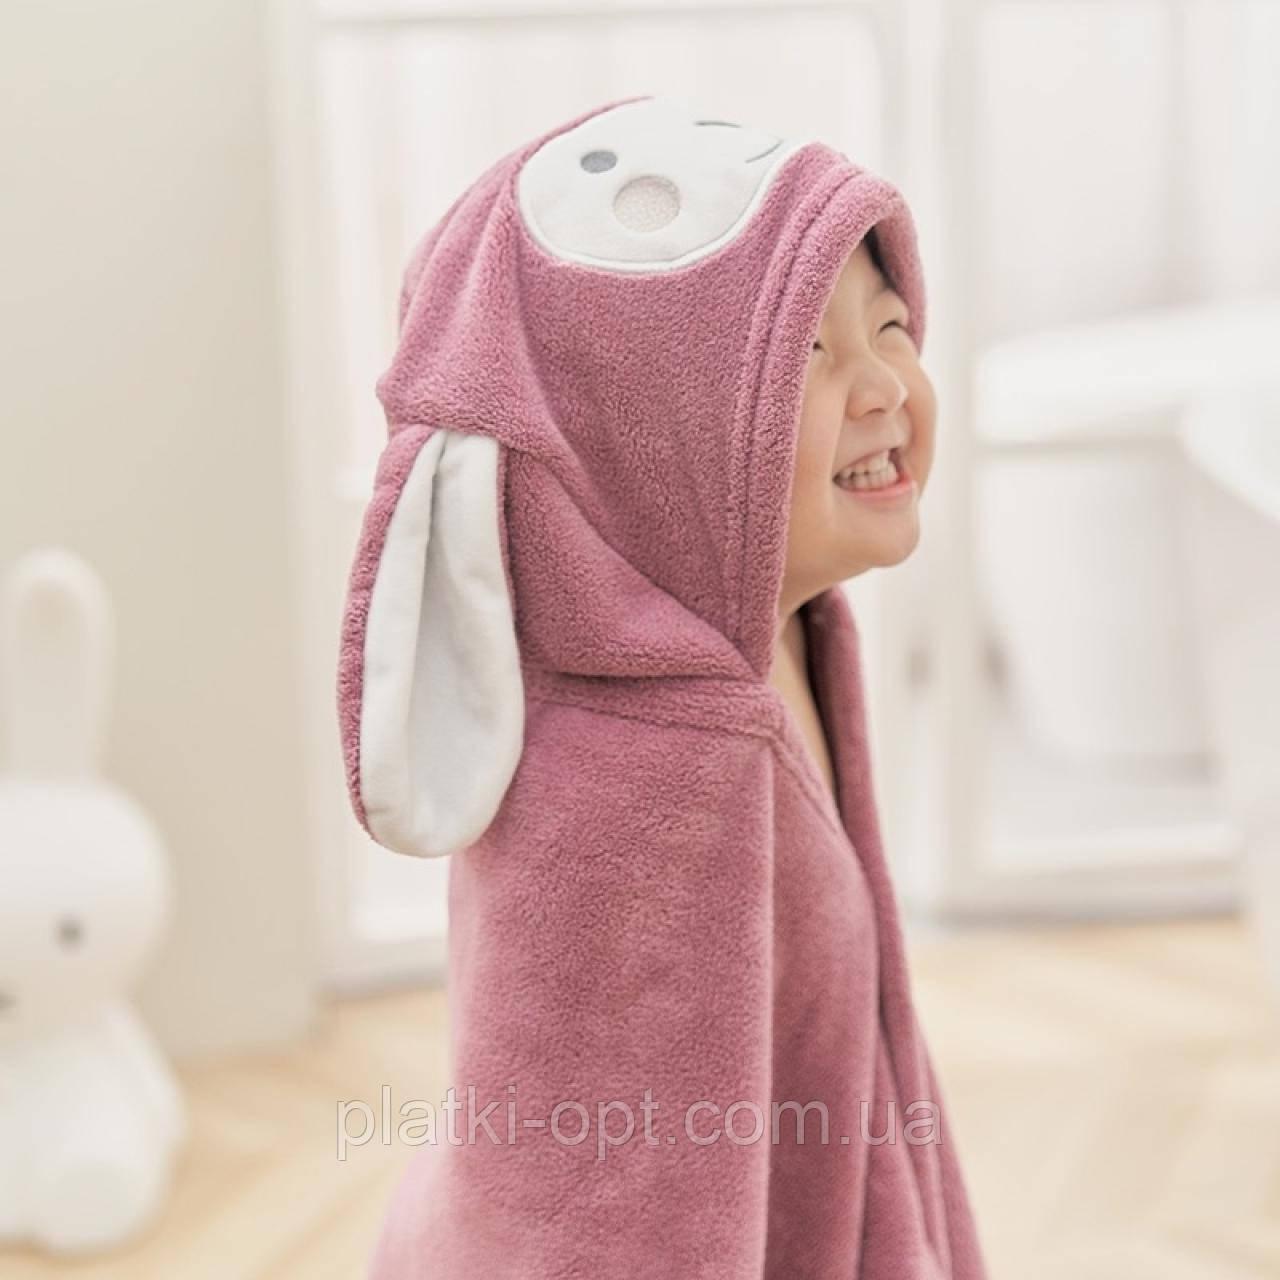 Детский плед с уголком Зайчик (розовый)